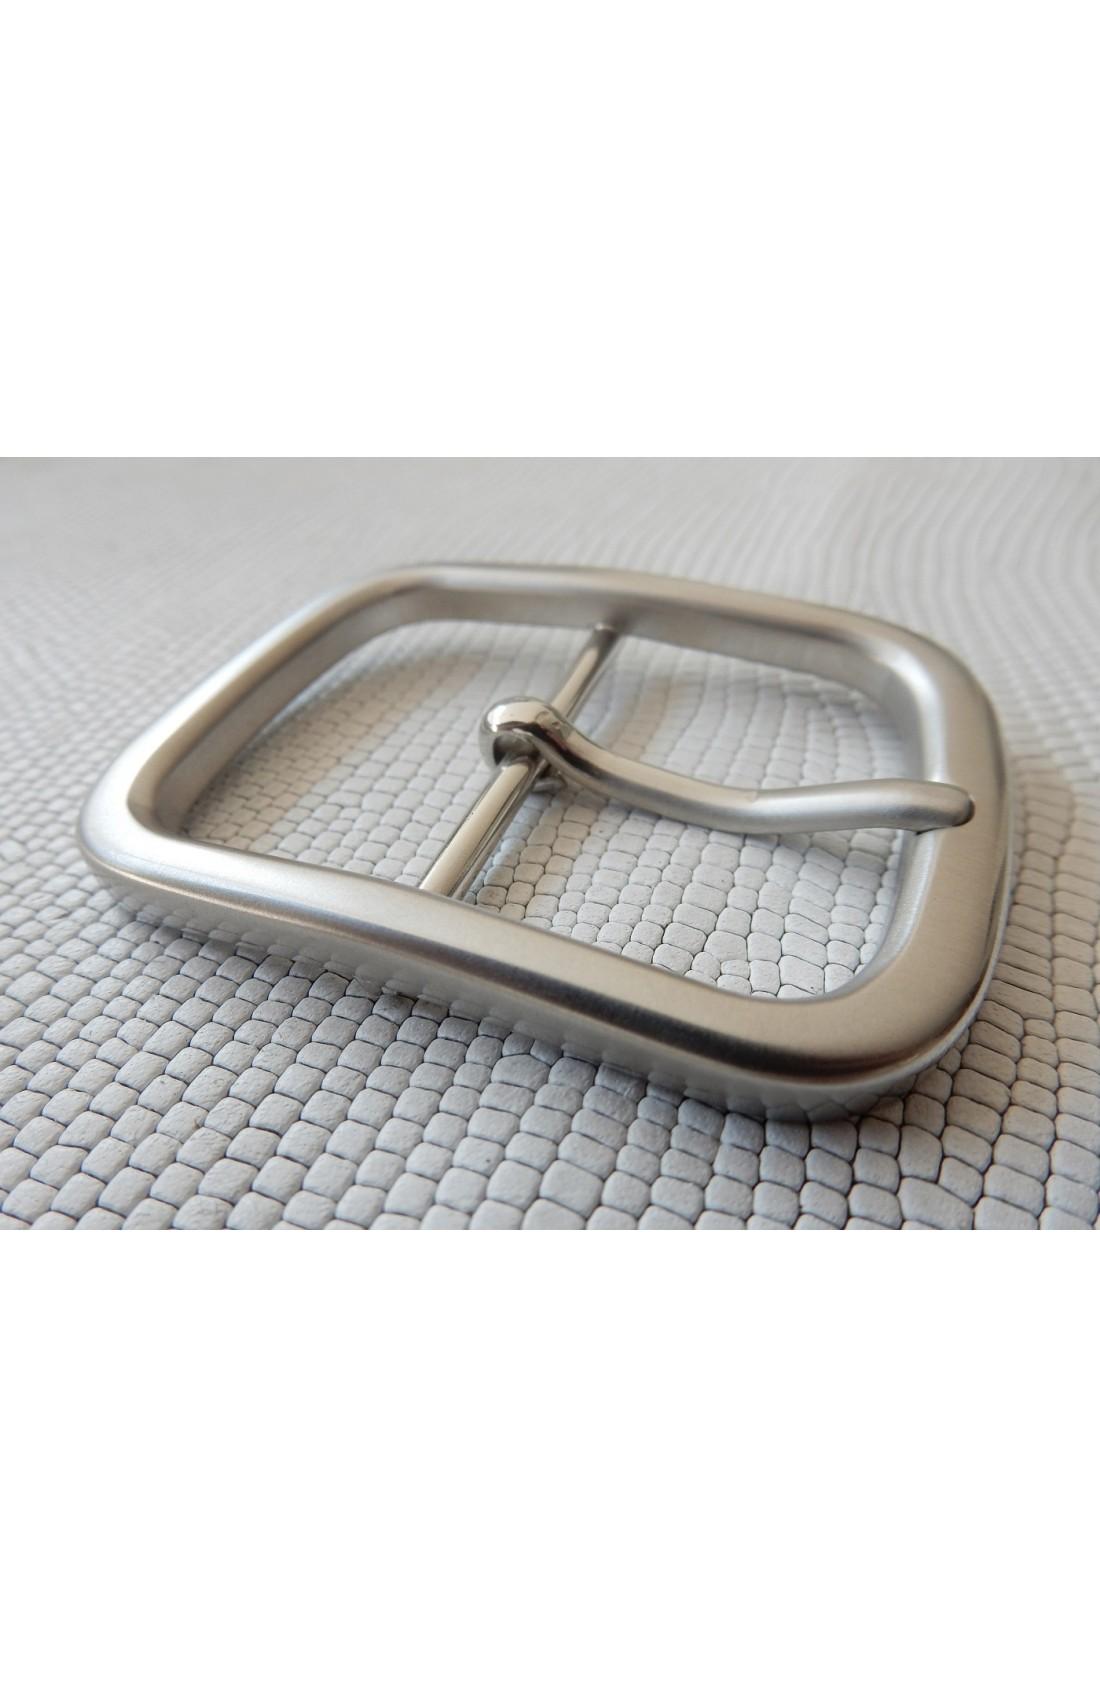 Fibbia Standard N 28 mm.35 nikel satinato free (3)